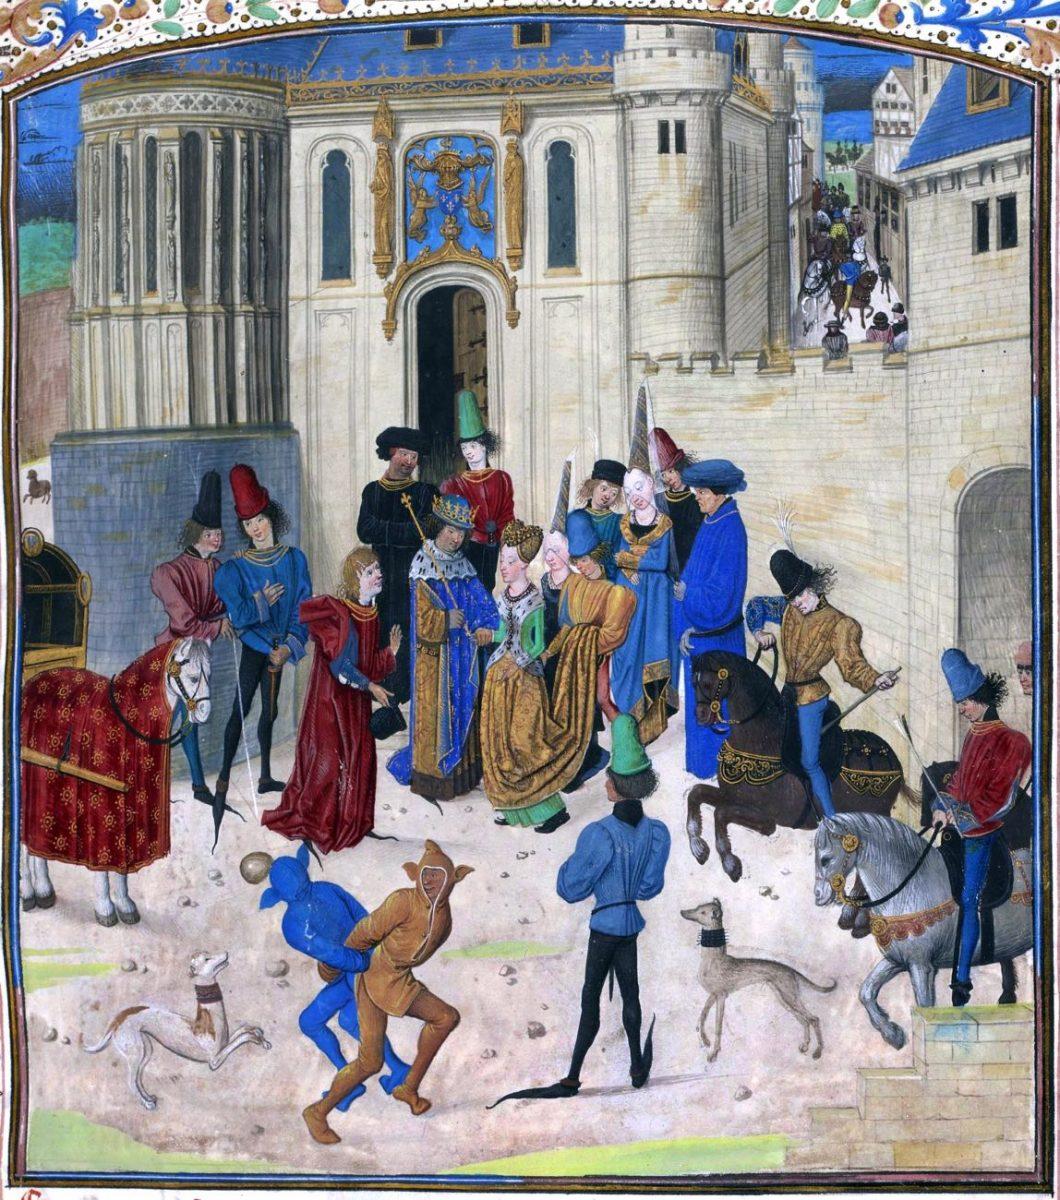 Isabella, Bayern, Jean Froissart, Königin, Frankreich, Chroniques, Mittelalter, Kostüm, Modegeschichte